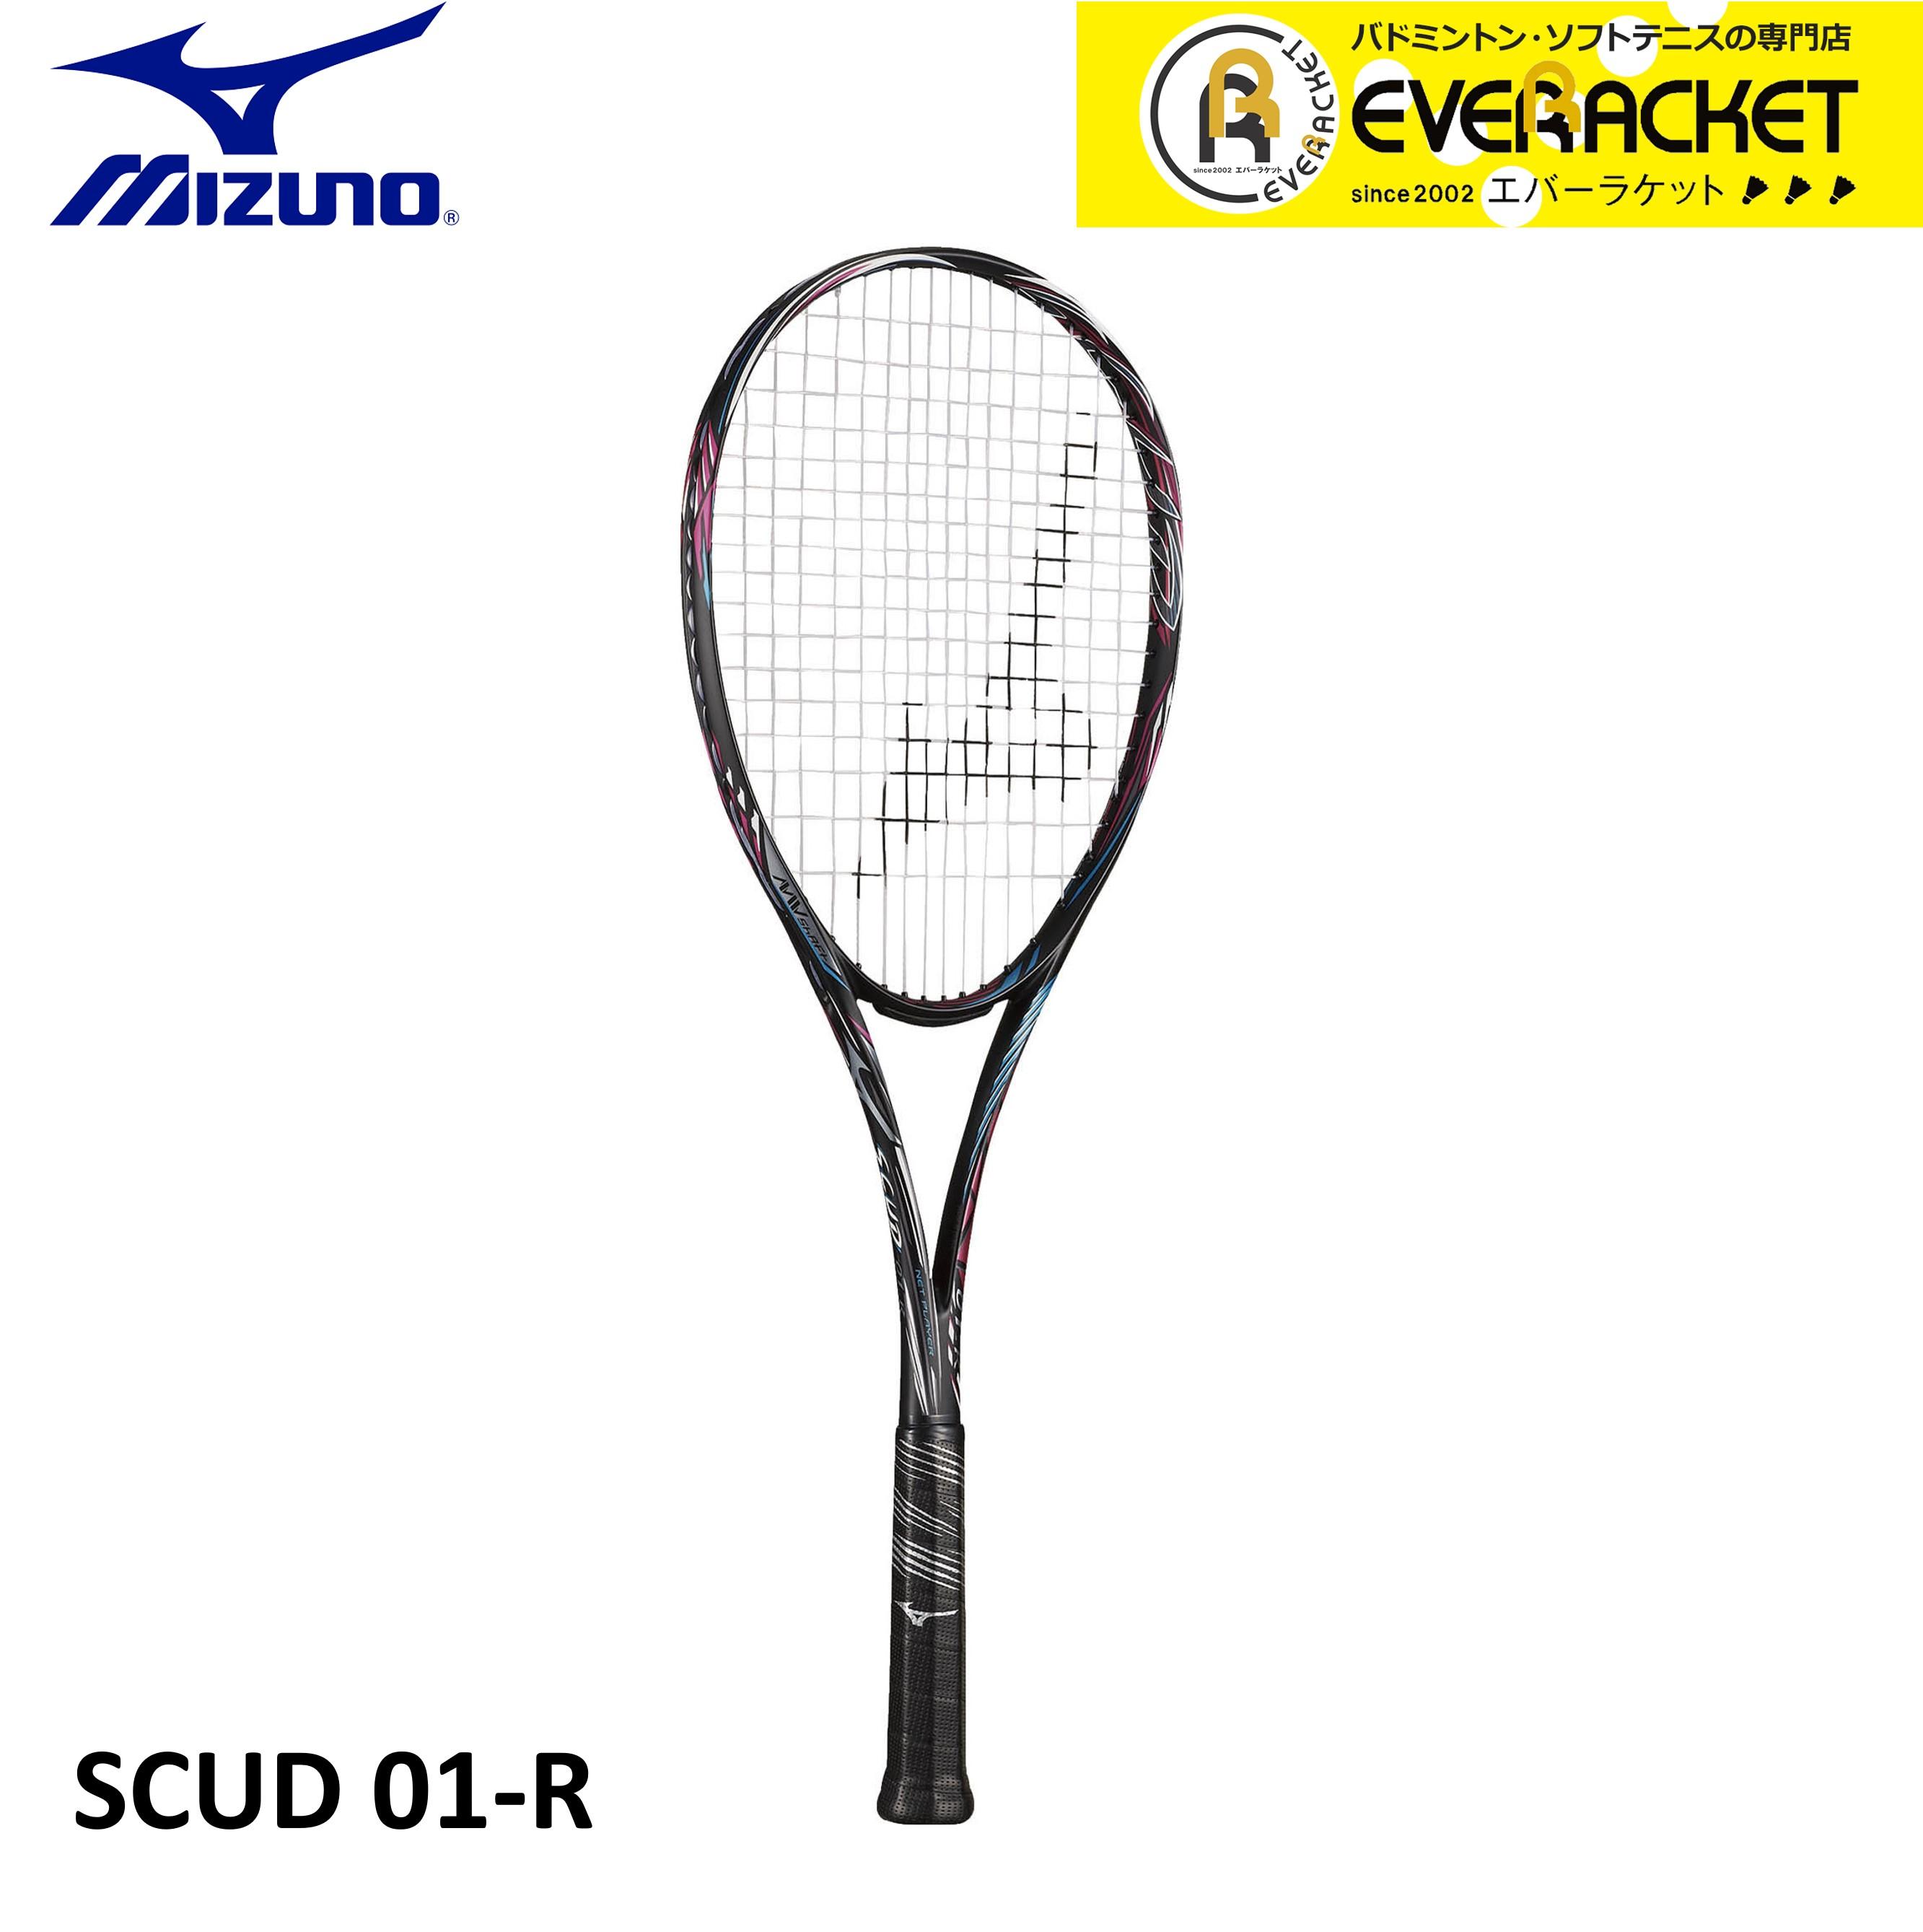 ミズノ MIZUNO ソフトテニスラケット SCUD 01-R 63JTN05364 ソフトテニス《ガット代・張り代無料》